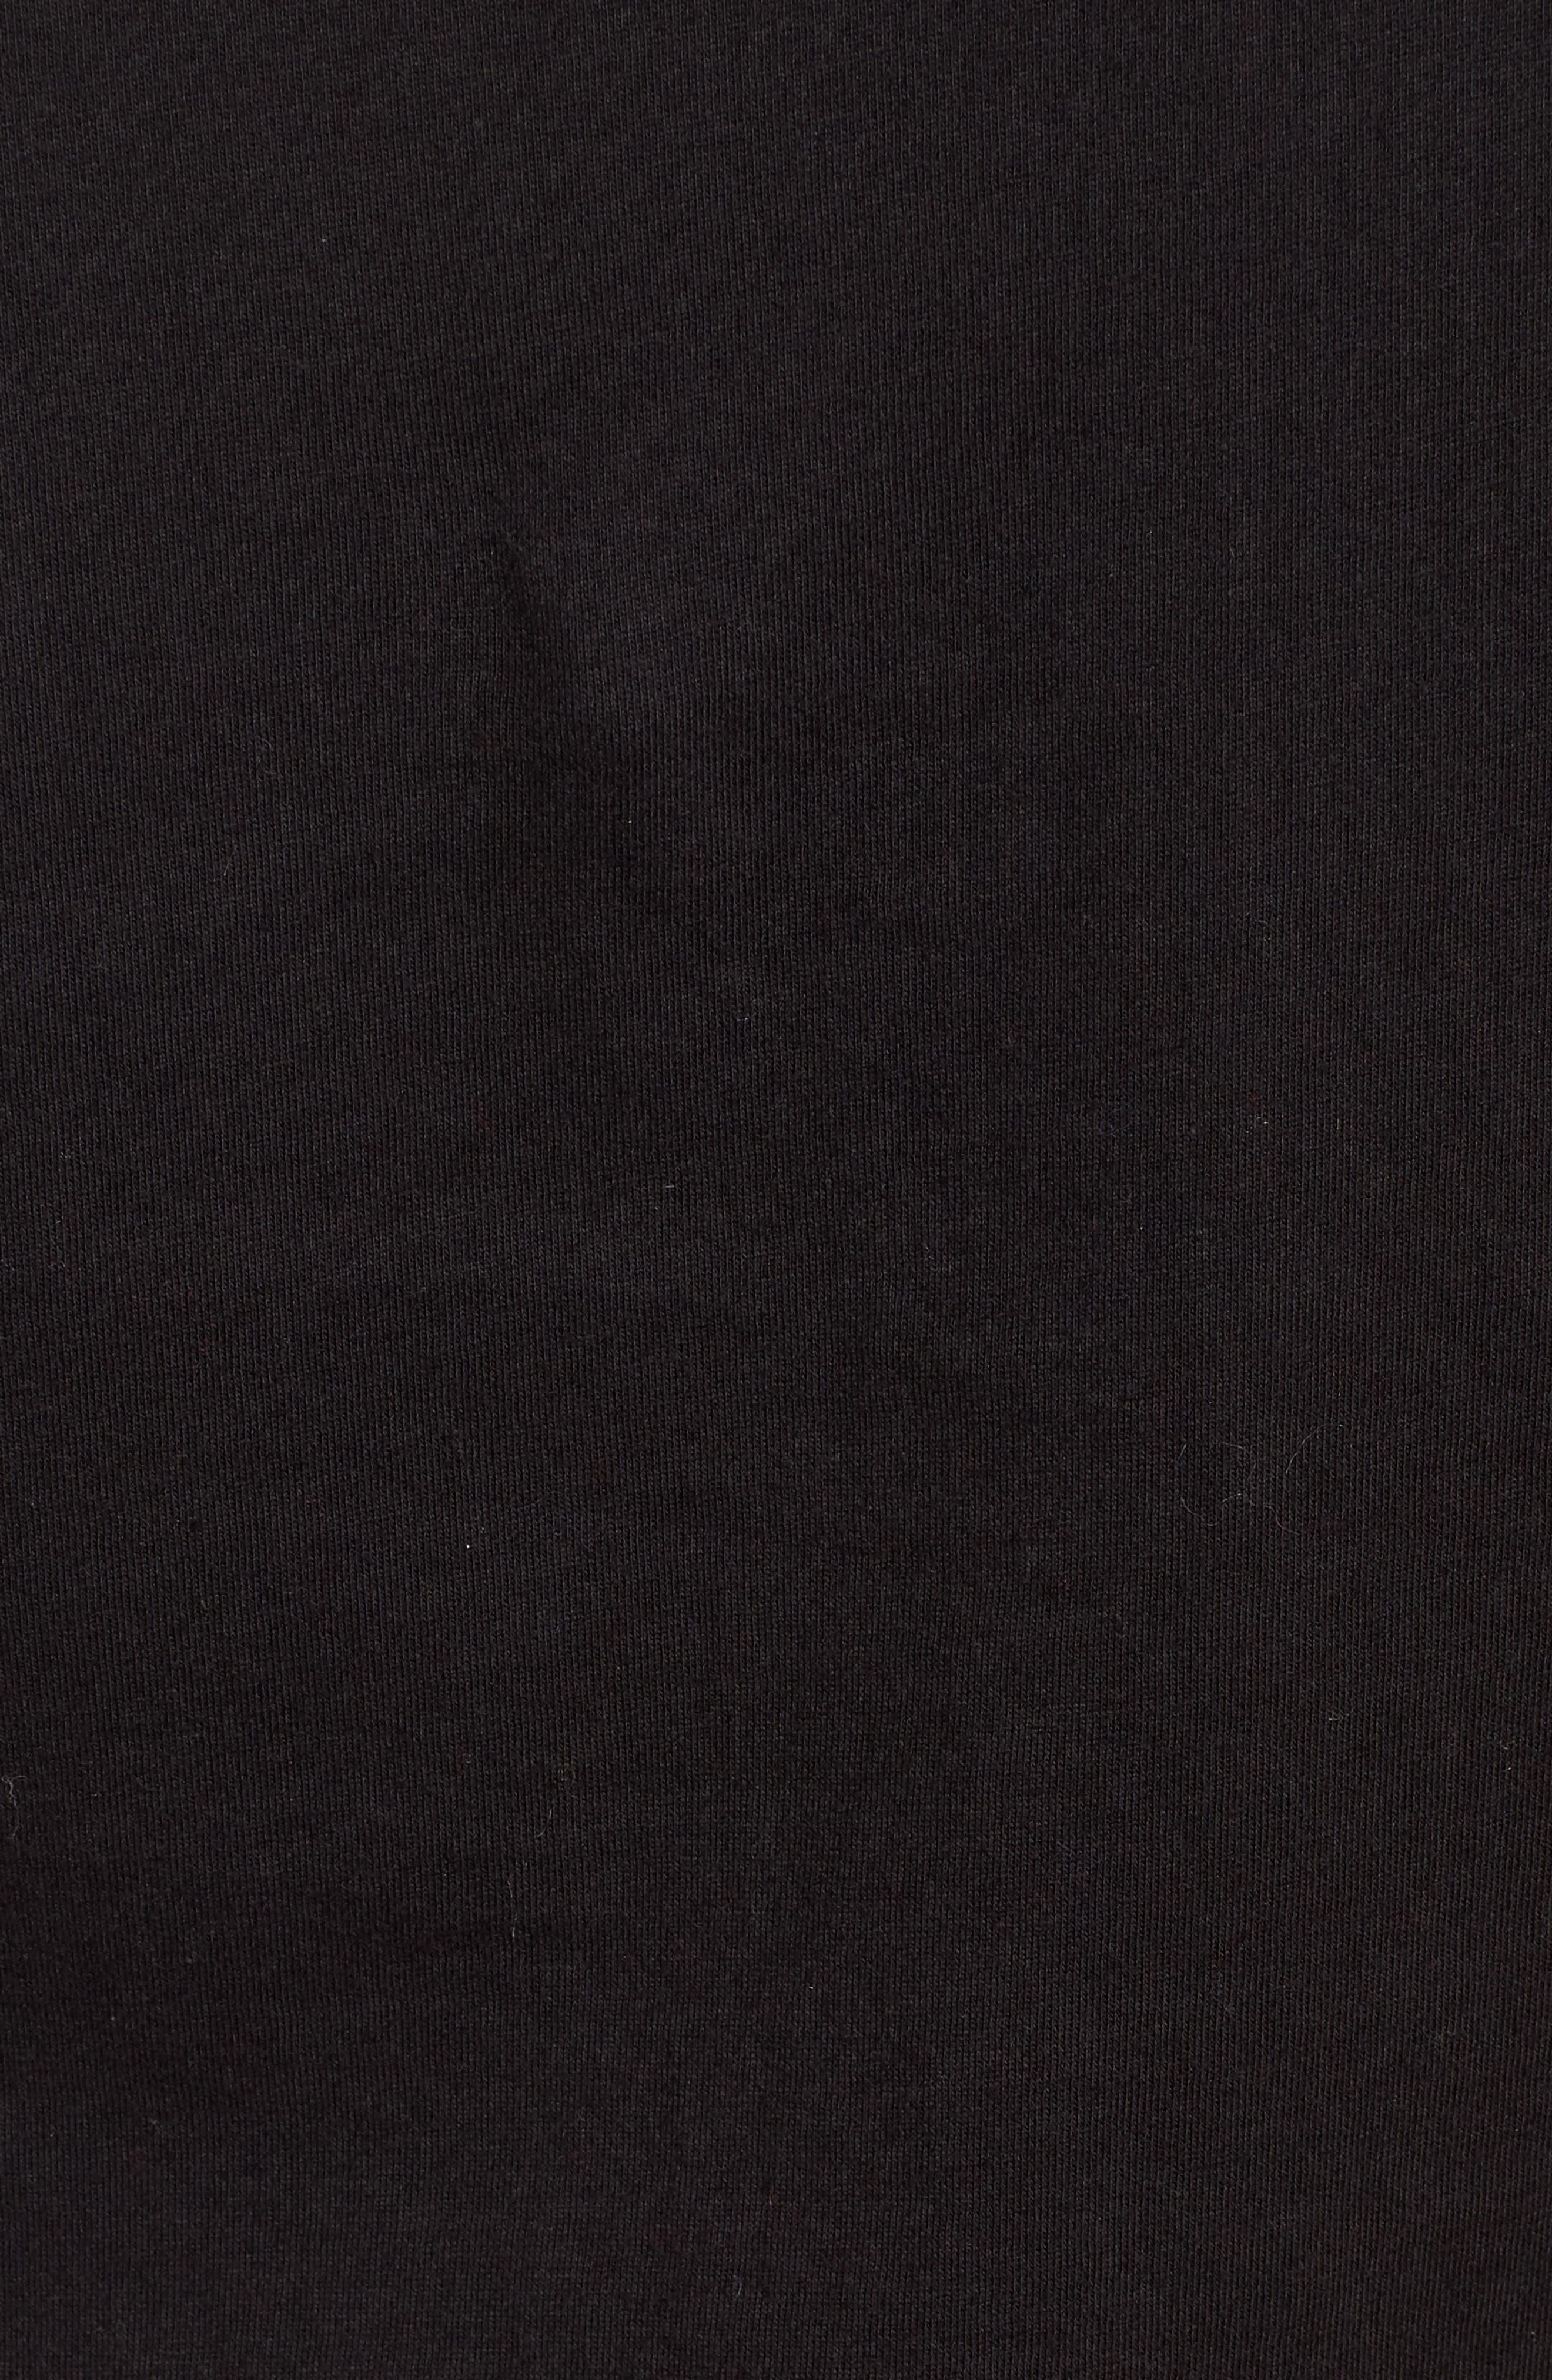 Rebel Ava Tee,                             Alternate thumbnail 5, color,                             BLACK/ WHITE